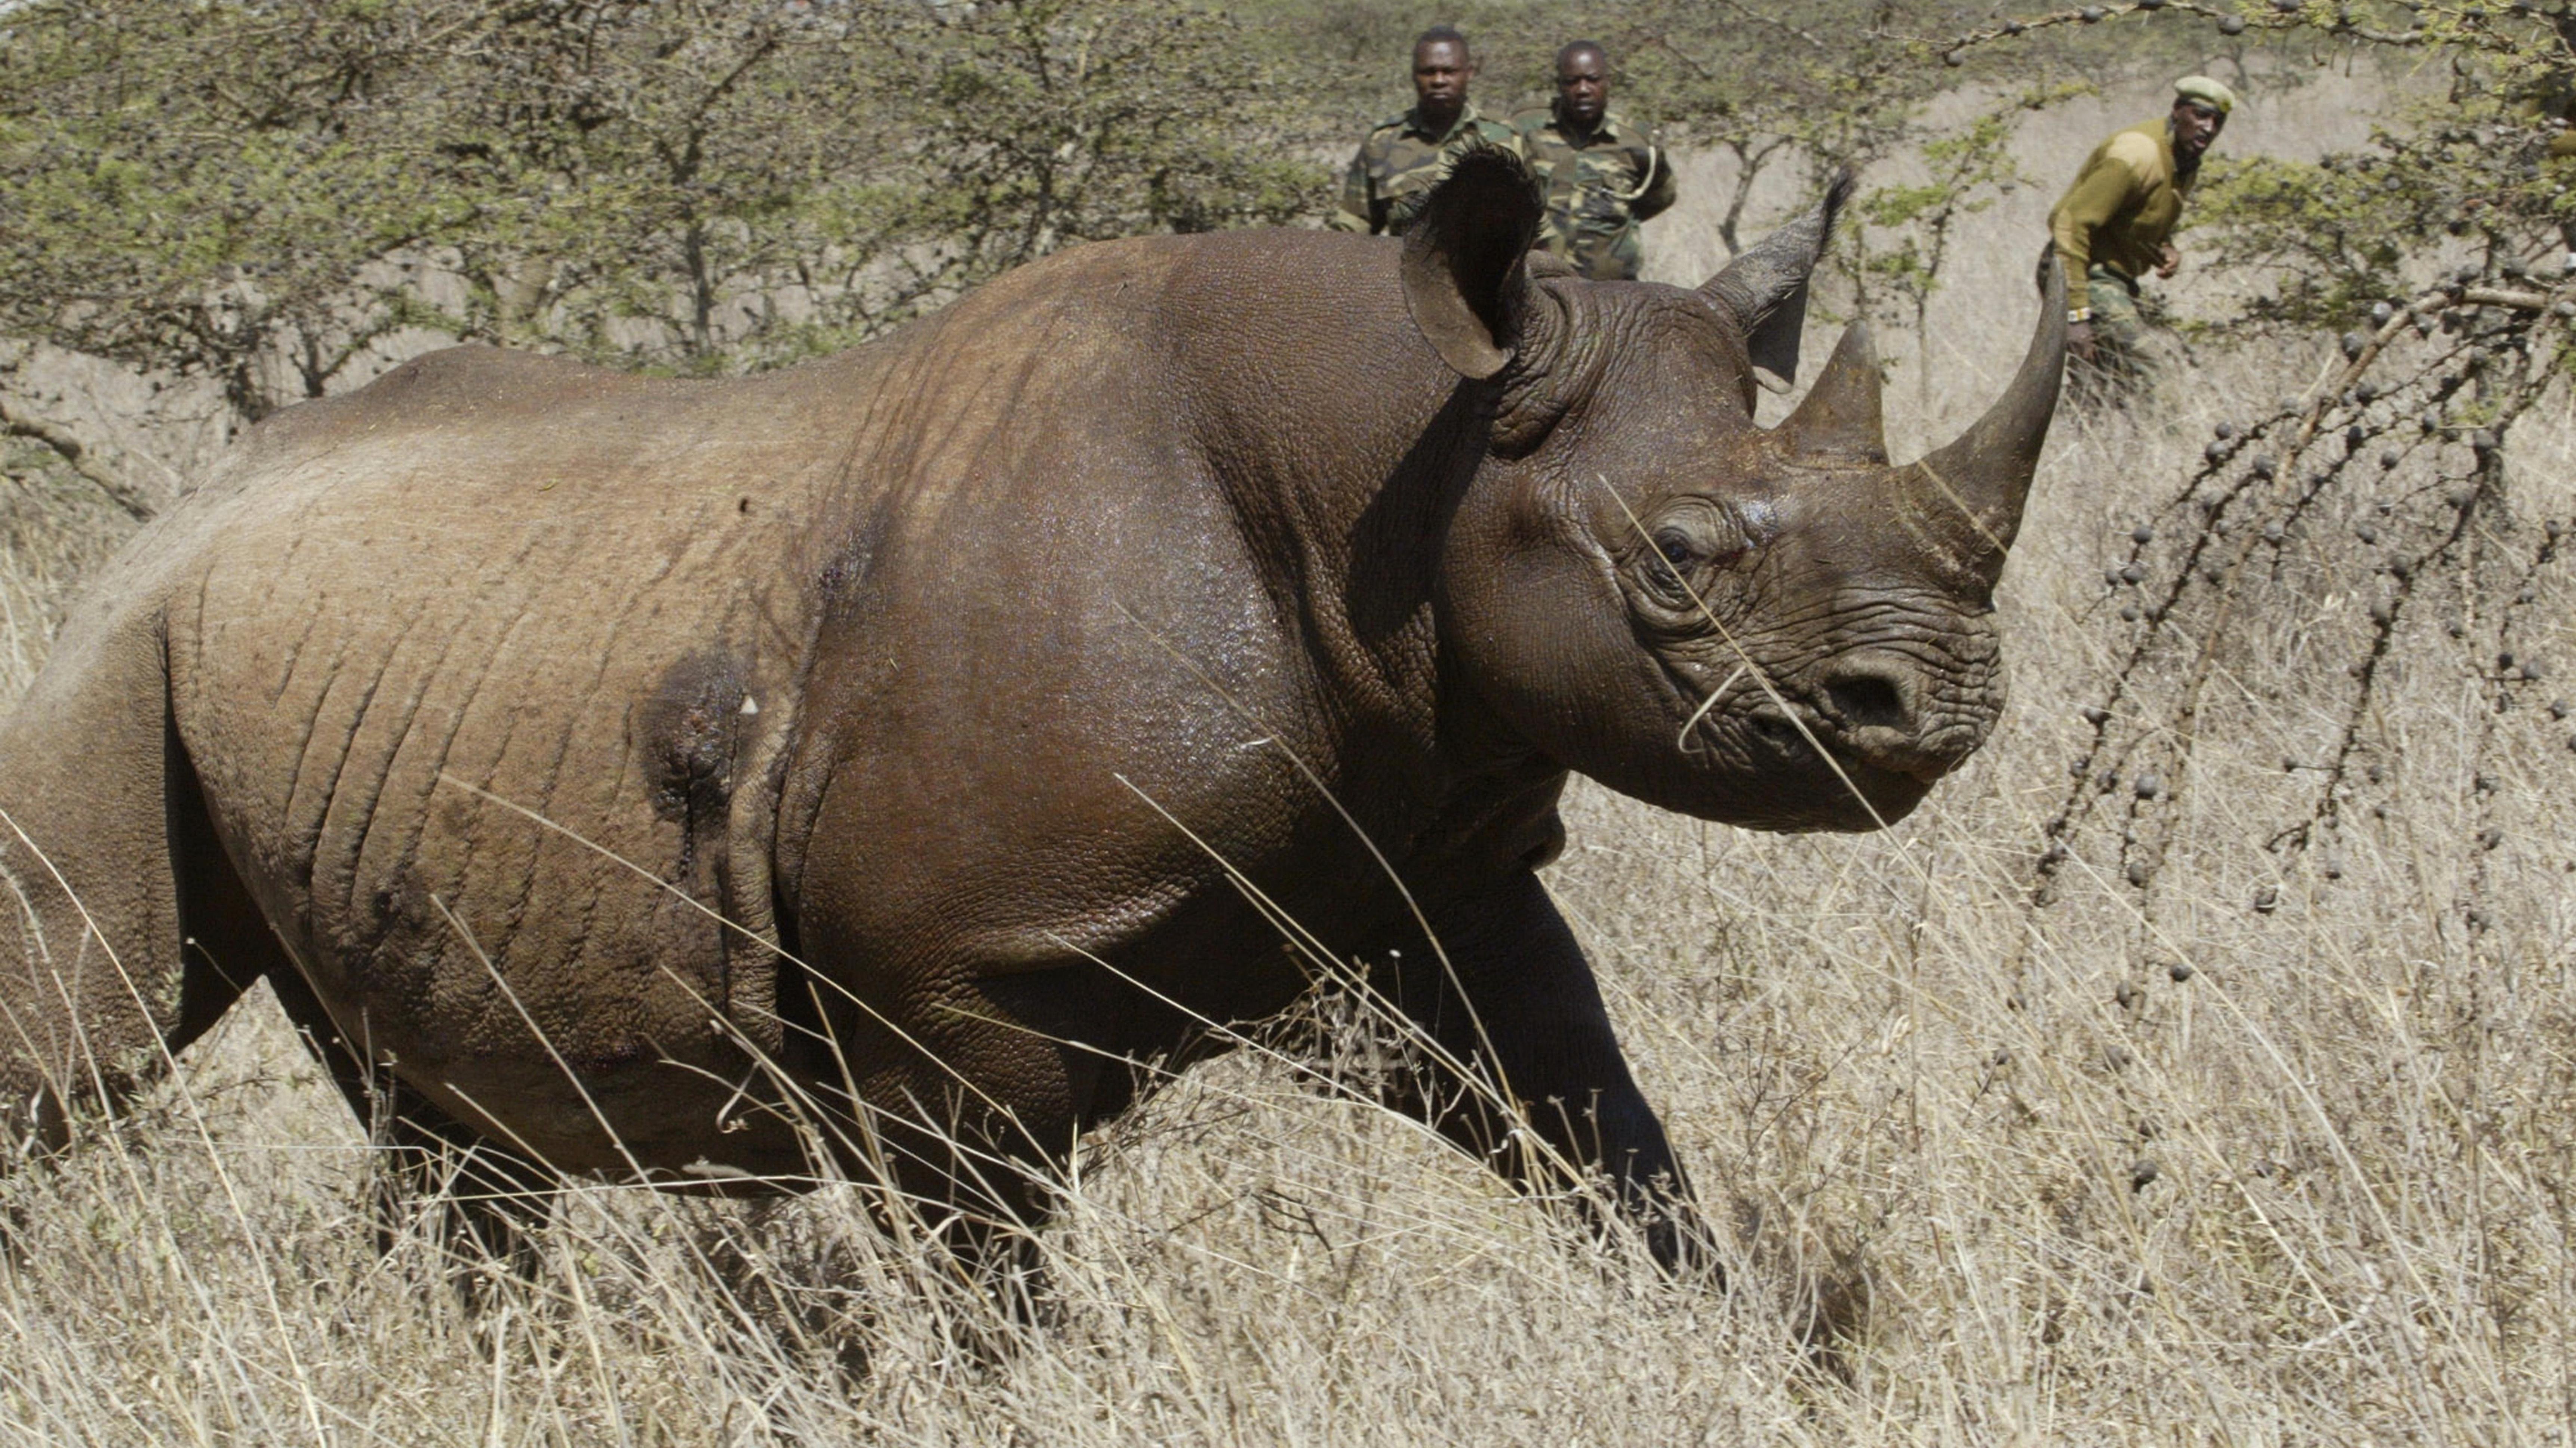 npr.org - Critically Endangered Black Rhinos Die After Transportation To Kenya National Park